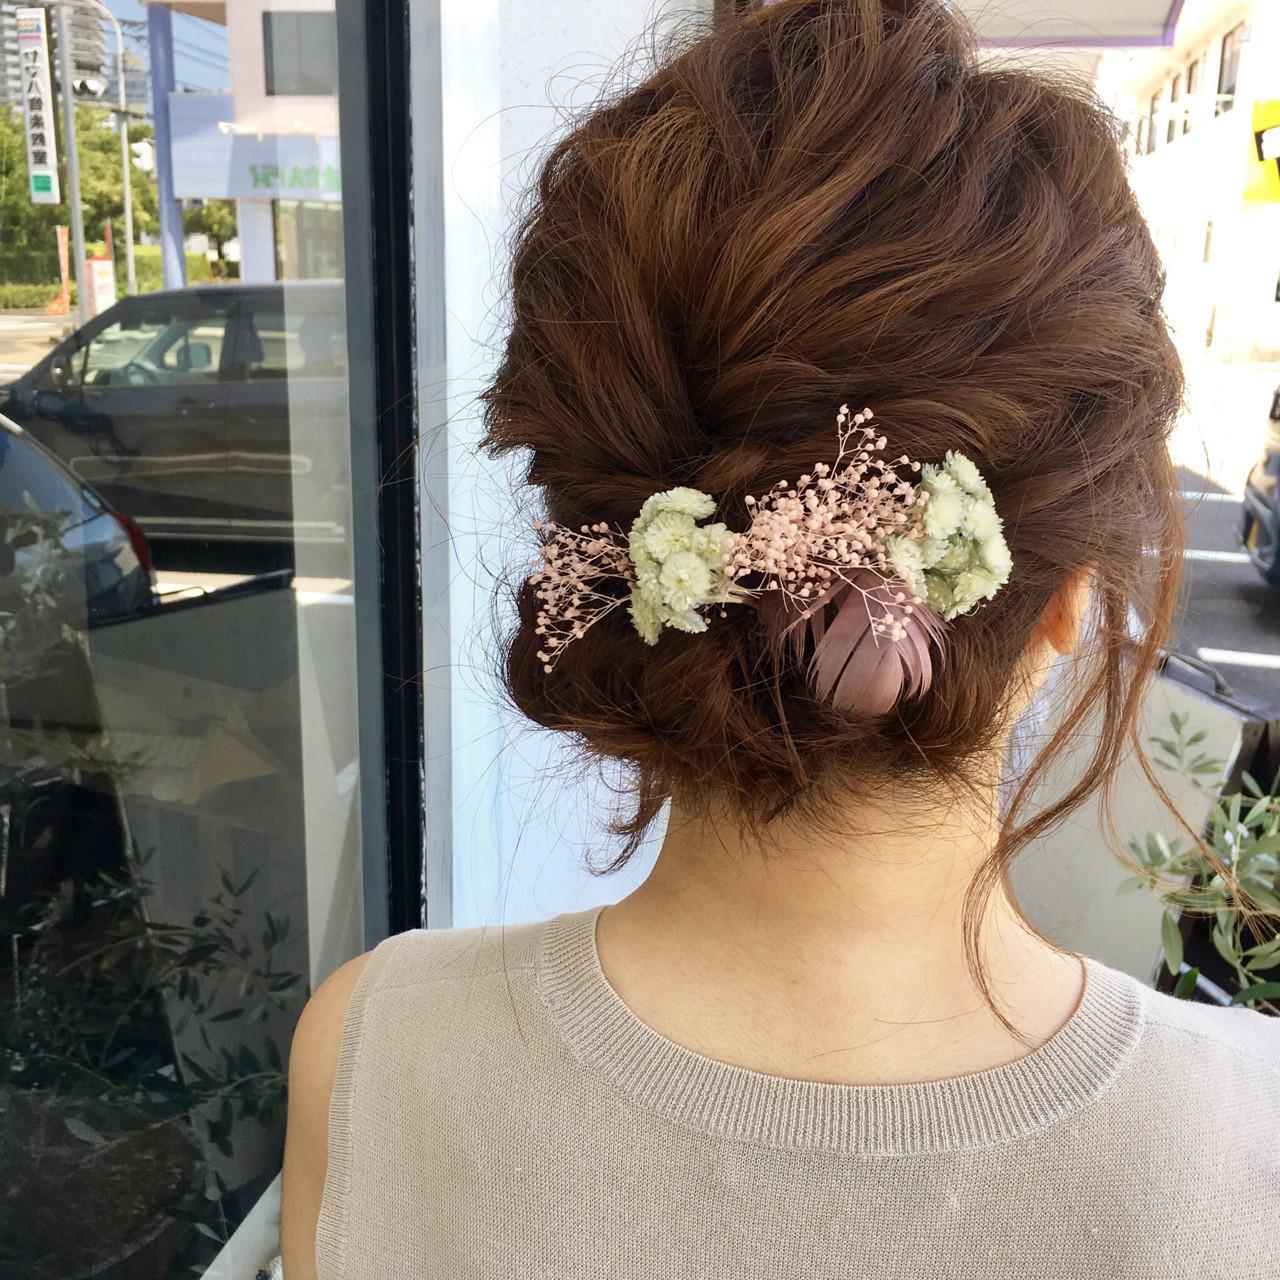 ねじってお団子に♡結婚式OKの華やかヘア hiroki